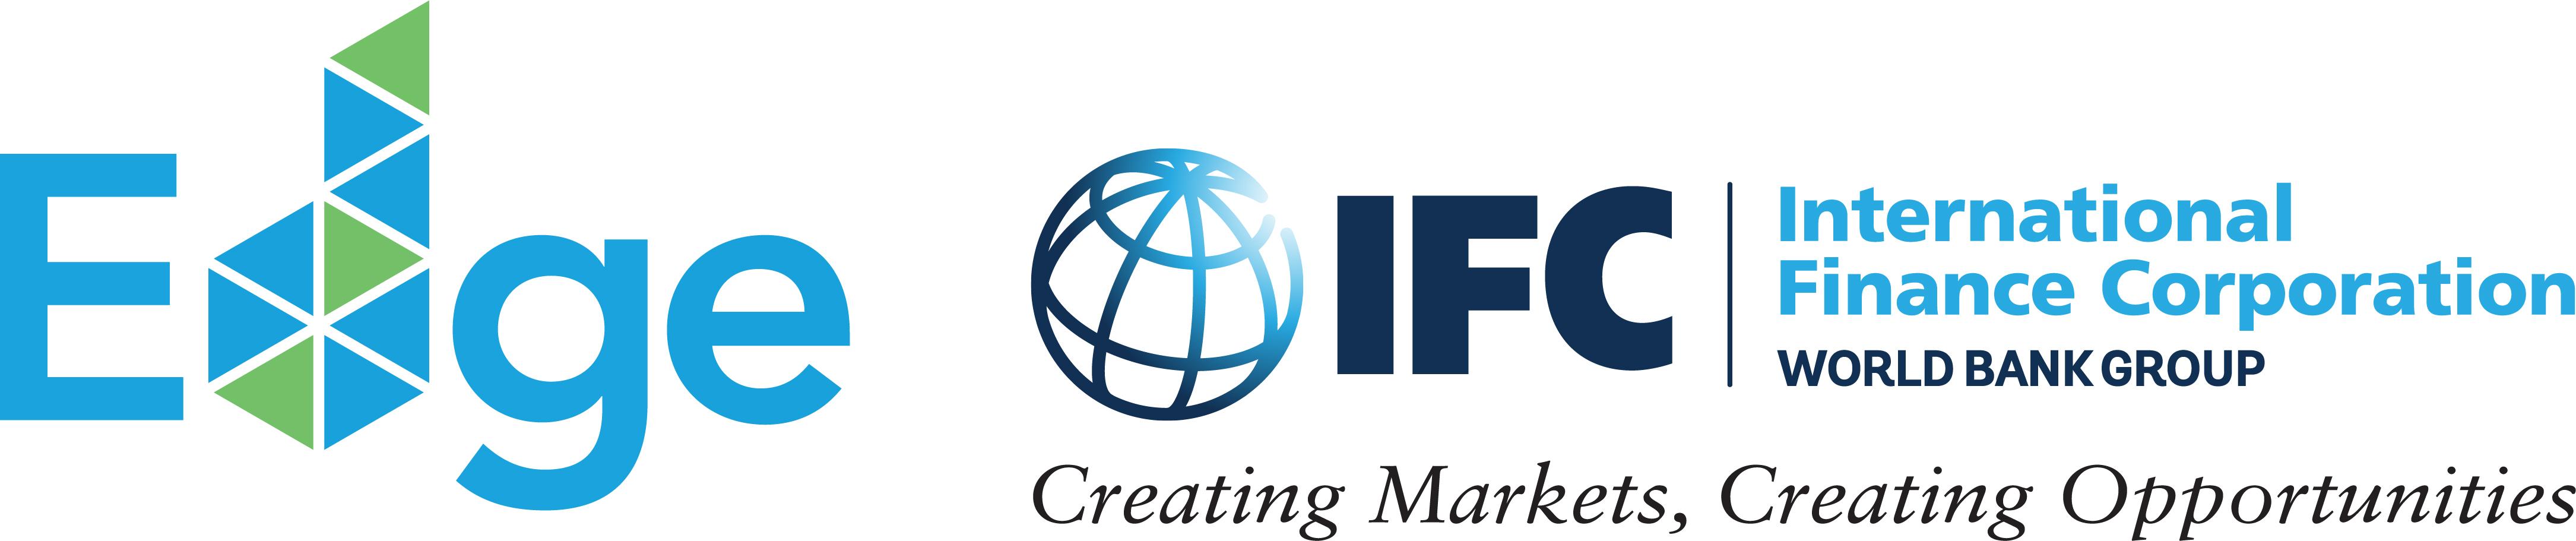 EDGE une innovation de l'IFC membre de la banque mondiale